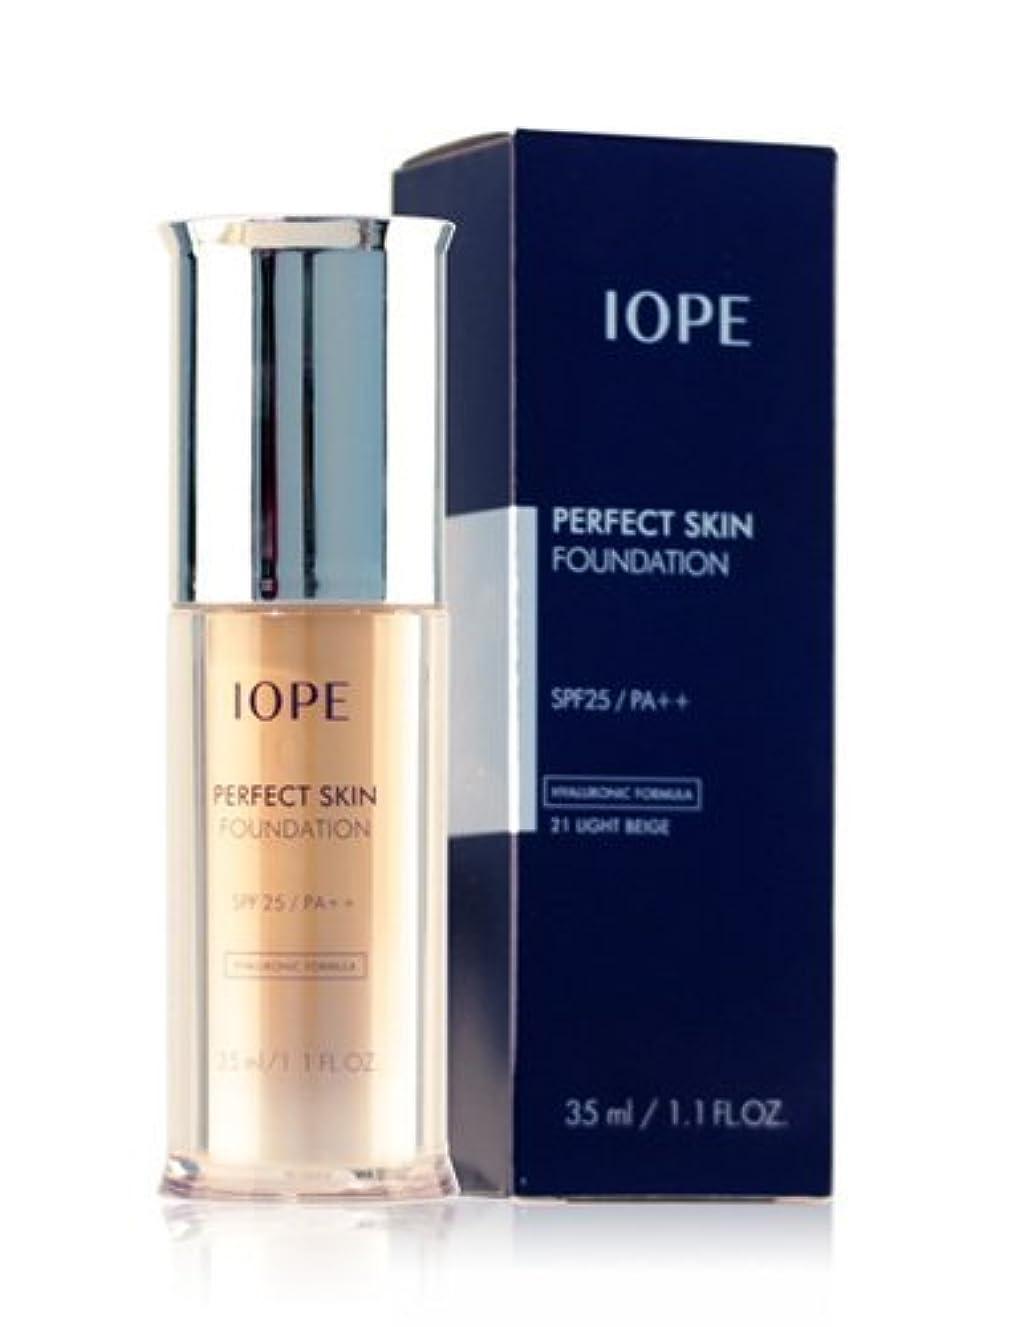 おとうさん迫害粘り強いAmore Pacific IOPE Perfect Skin Foundation (spf 25, pa++) no.21 light beige 35ml